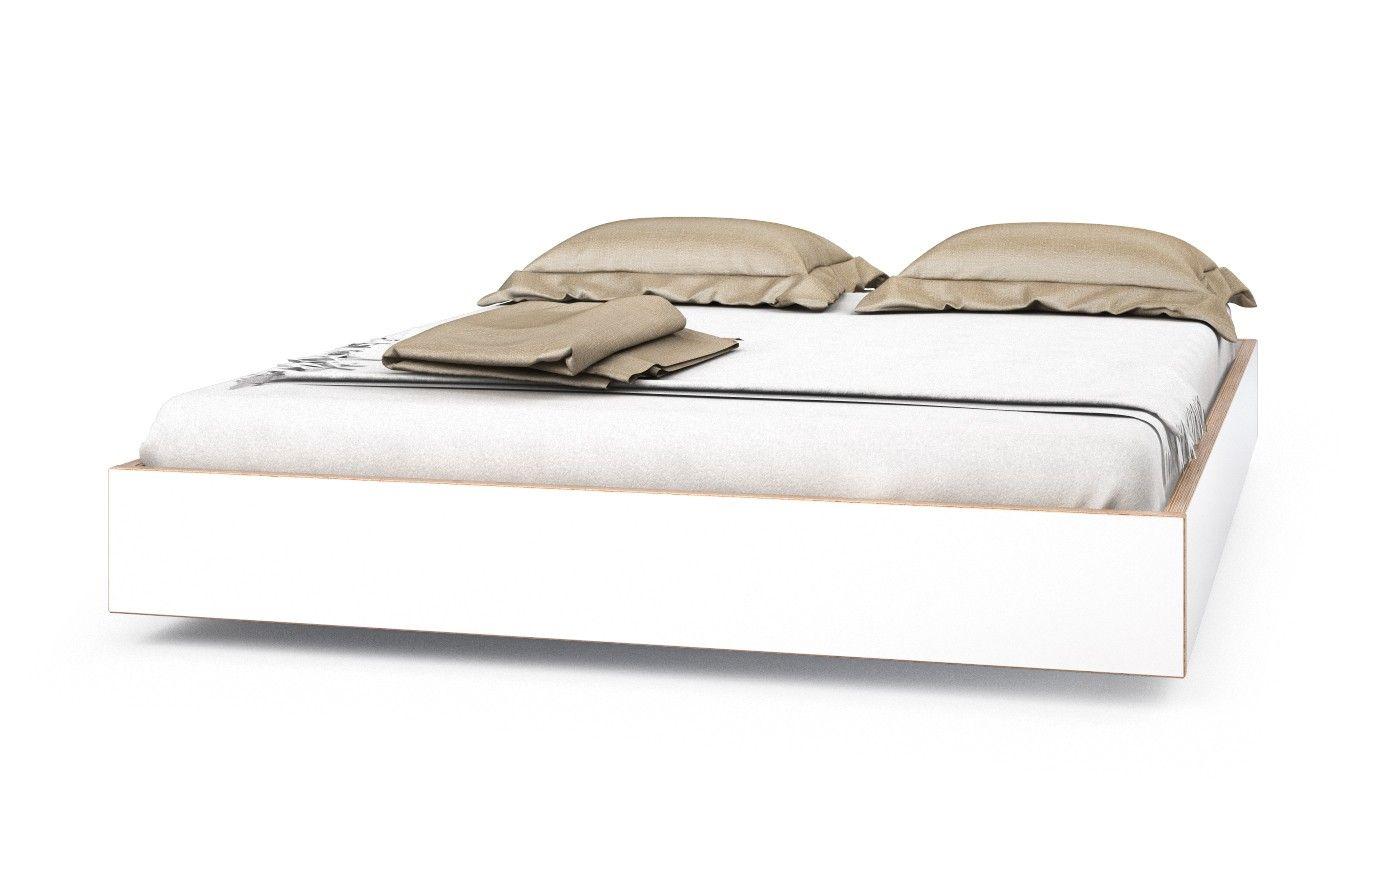 Full Size of Bett Multiplewei Atlantis 140 200 Cm Nein Betten Kaufen 140x200 Günstige München Amerikanische Ebay Köln Mit Matratze Und Lattenrost Ohne Kopfteil Weißes Bett Betten 140x200 Weiß